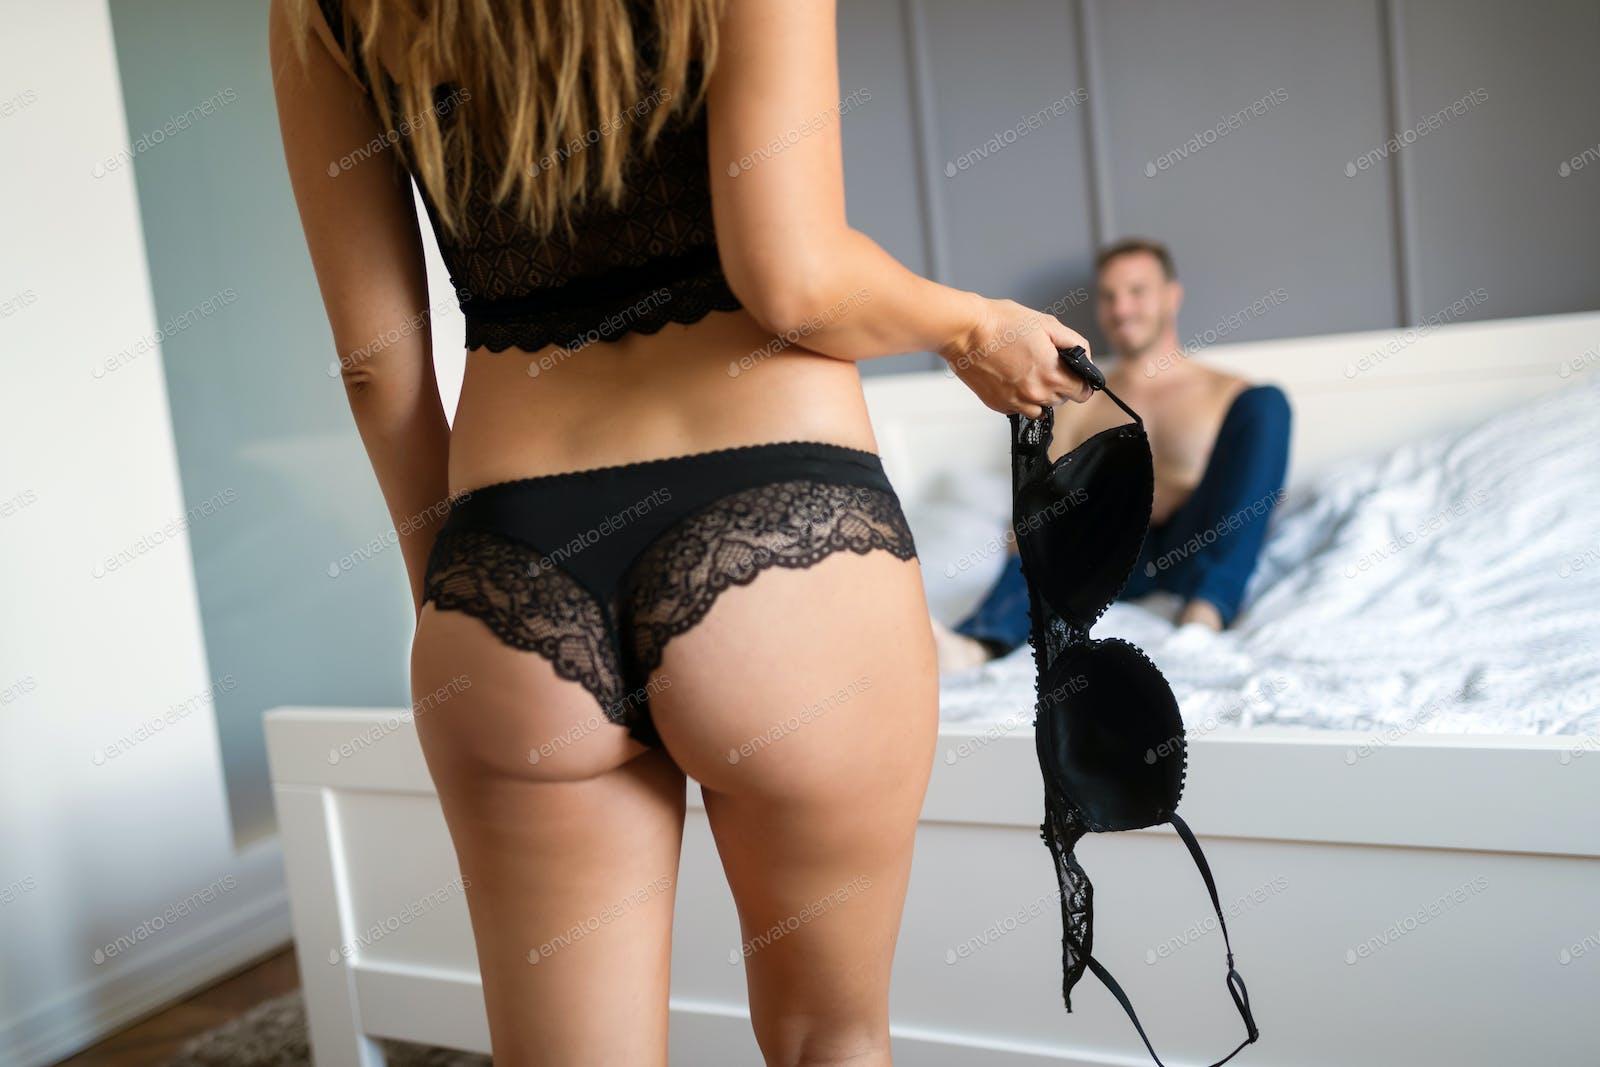 Woman sex